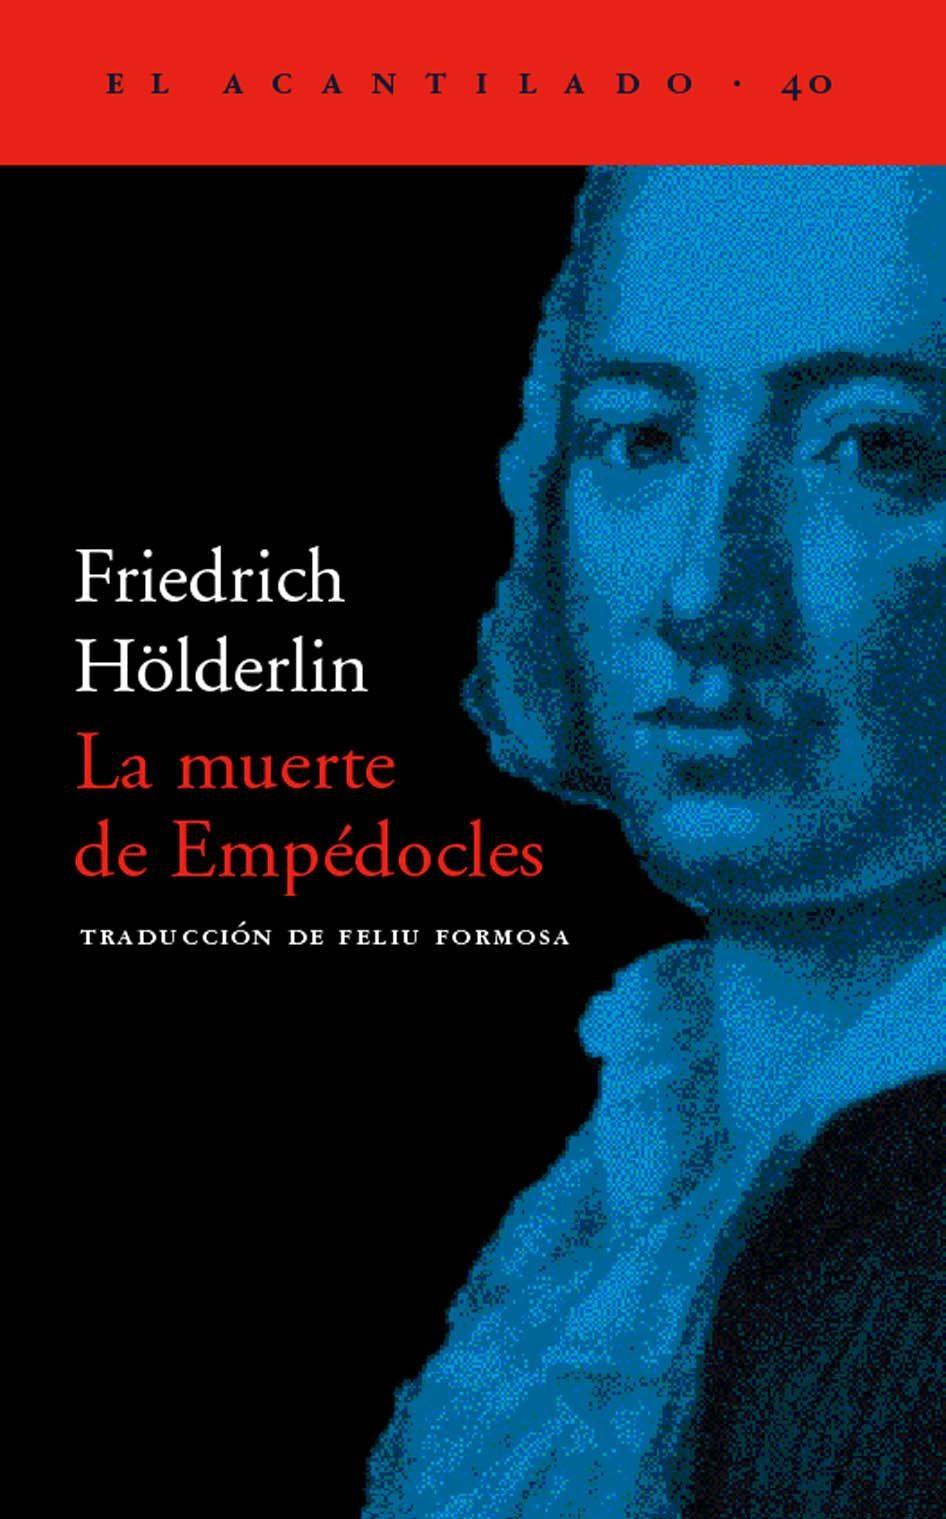 Resultado de imagen de Holderlin libro